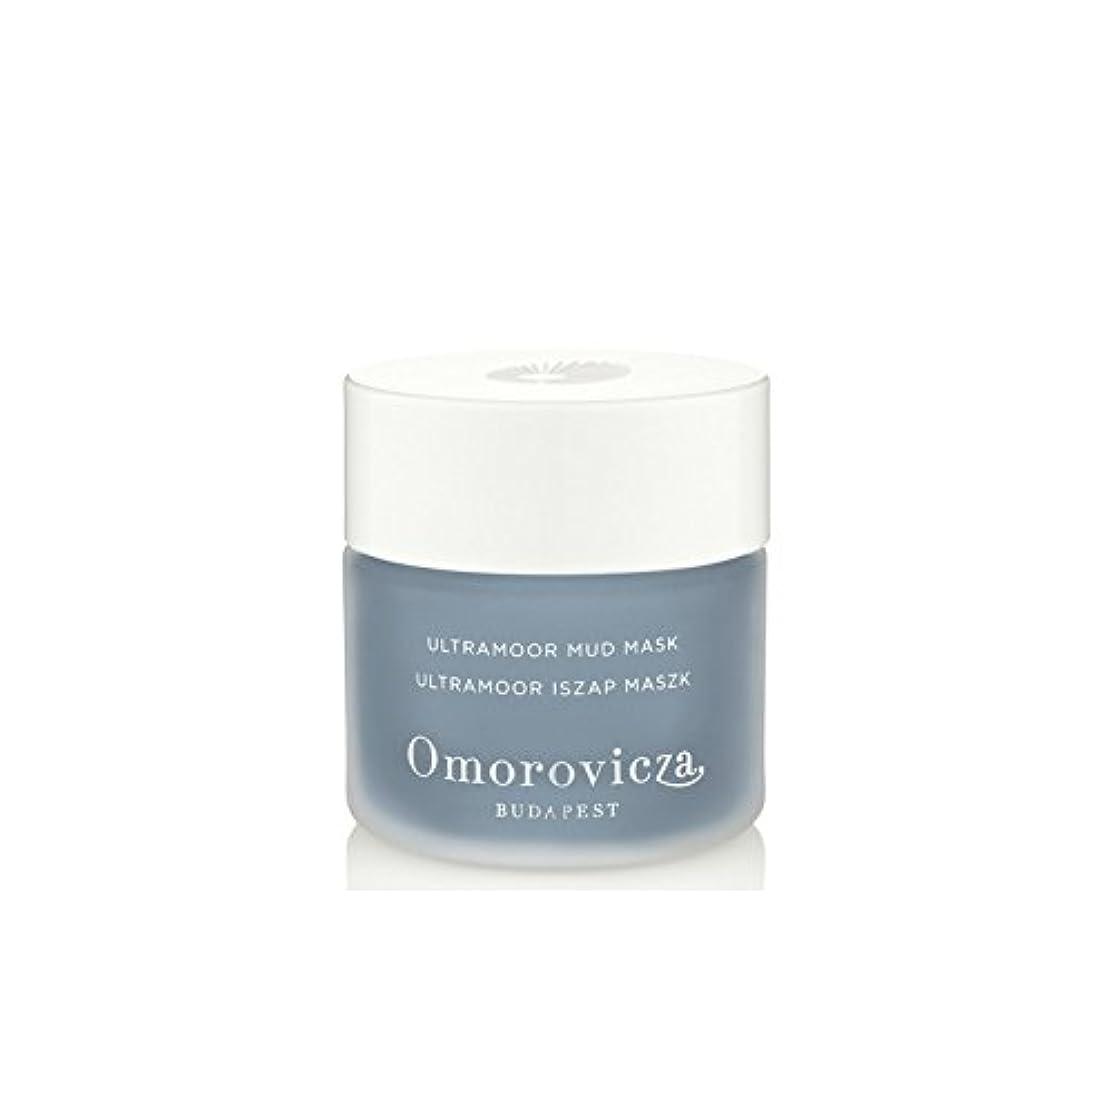 メアリアンジョーンズ懐品種Omorovicza Ultramoor Mud Mask (50ml) - 泥マスク(50ミリリットル) [並行輸入品]